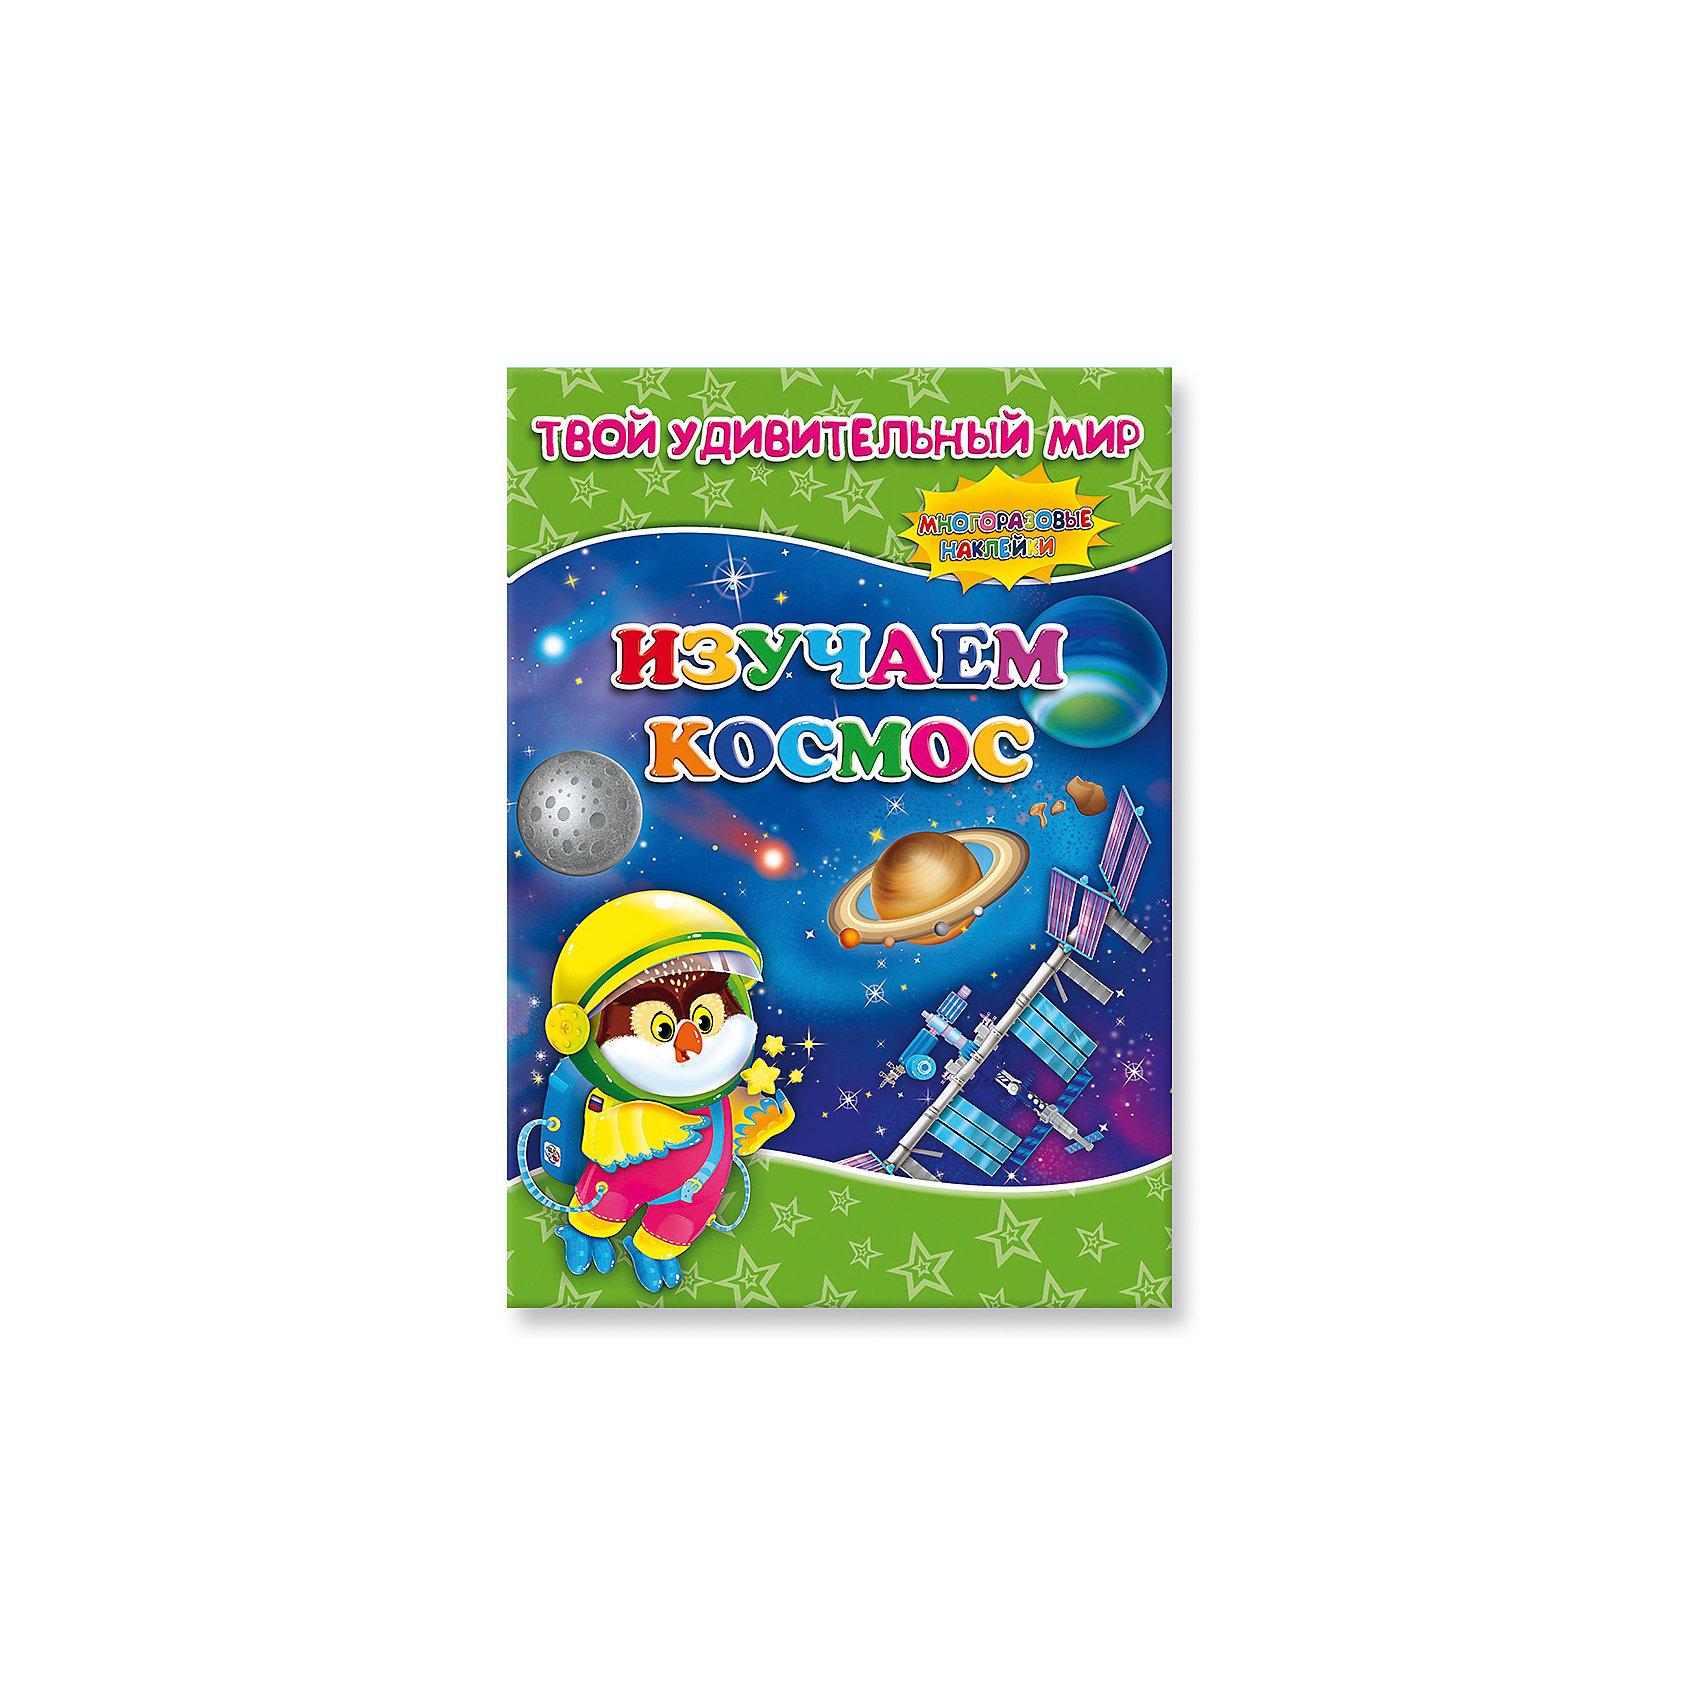 Книжка с наклейками Изучаем космос, Твой удивительный мирТворчество для малышей<br>Характеристики товара:<br><br>• материал обложки: картон <br>• в комплект входит: книга, наклейки<br>• количество страниц: 12<br>• количество наклеек: 43<br>• возраст: от 3 лет<br>• габариты упаковки: 21,5х29,7х0,3 см<br>• вес: 110 г<br>• страна производитель: Россия<br><br>Книги с наклейками – яркий и необычный подарок для всех малышей. В легкой игровой форме ребенок познакомится с окружающим миром, узнает много новых интересных фактов и постепенно научится читать самостоятельно. Материалы, использованные при изготовлении товаров, проходят проверку на качество и соответствие международным требованиям по безопасности.<br><br>Книжку с наклейками Изучаем космос, Твой удивительный мир, можно купить в нашем интернет-магазине.<br><br>Ширина мм: 215<br>Глубина мм: 297<br>Высота мм: 3<br>Вес г: 110<br>Возраст от месяцев: 36<br>Возраст до месяцев: 84<br>Пол: Унисекс<br>Возраст: Детский<br>SKU: 5423036